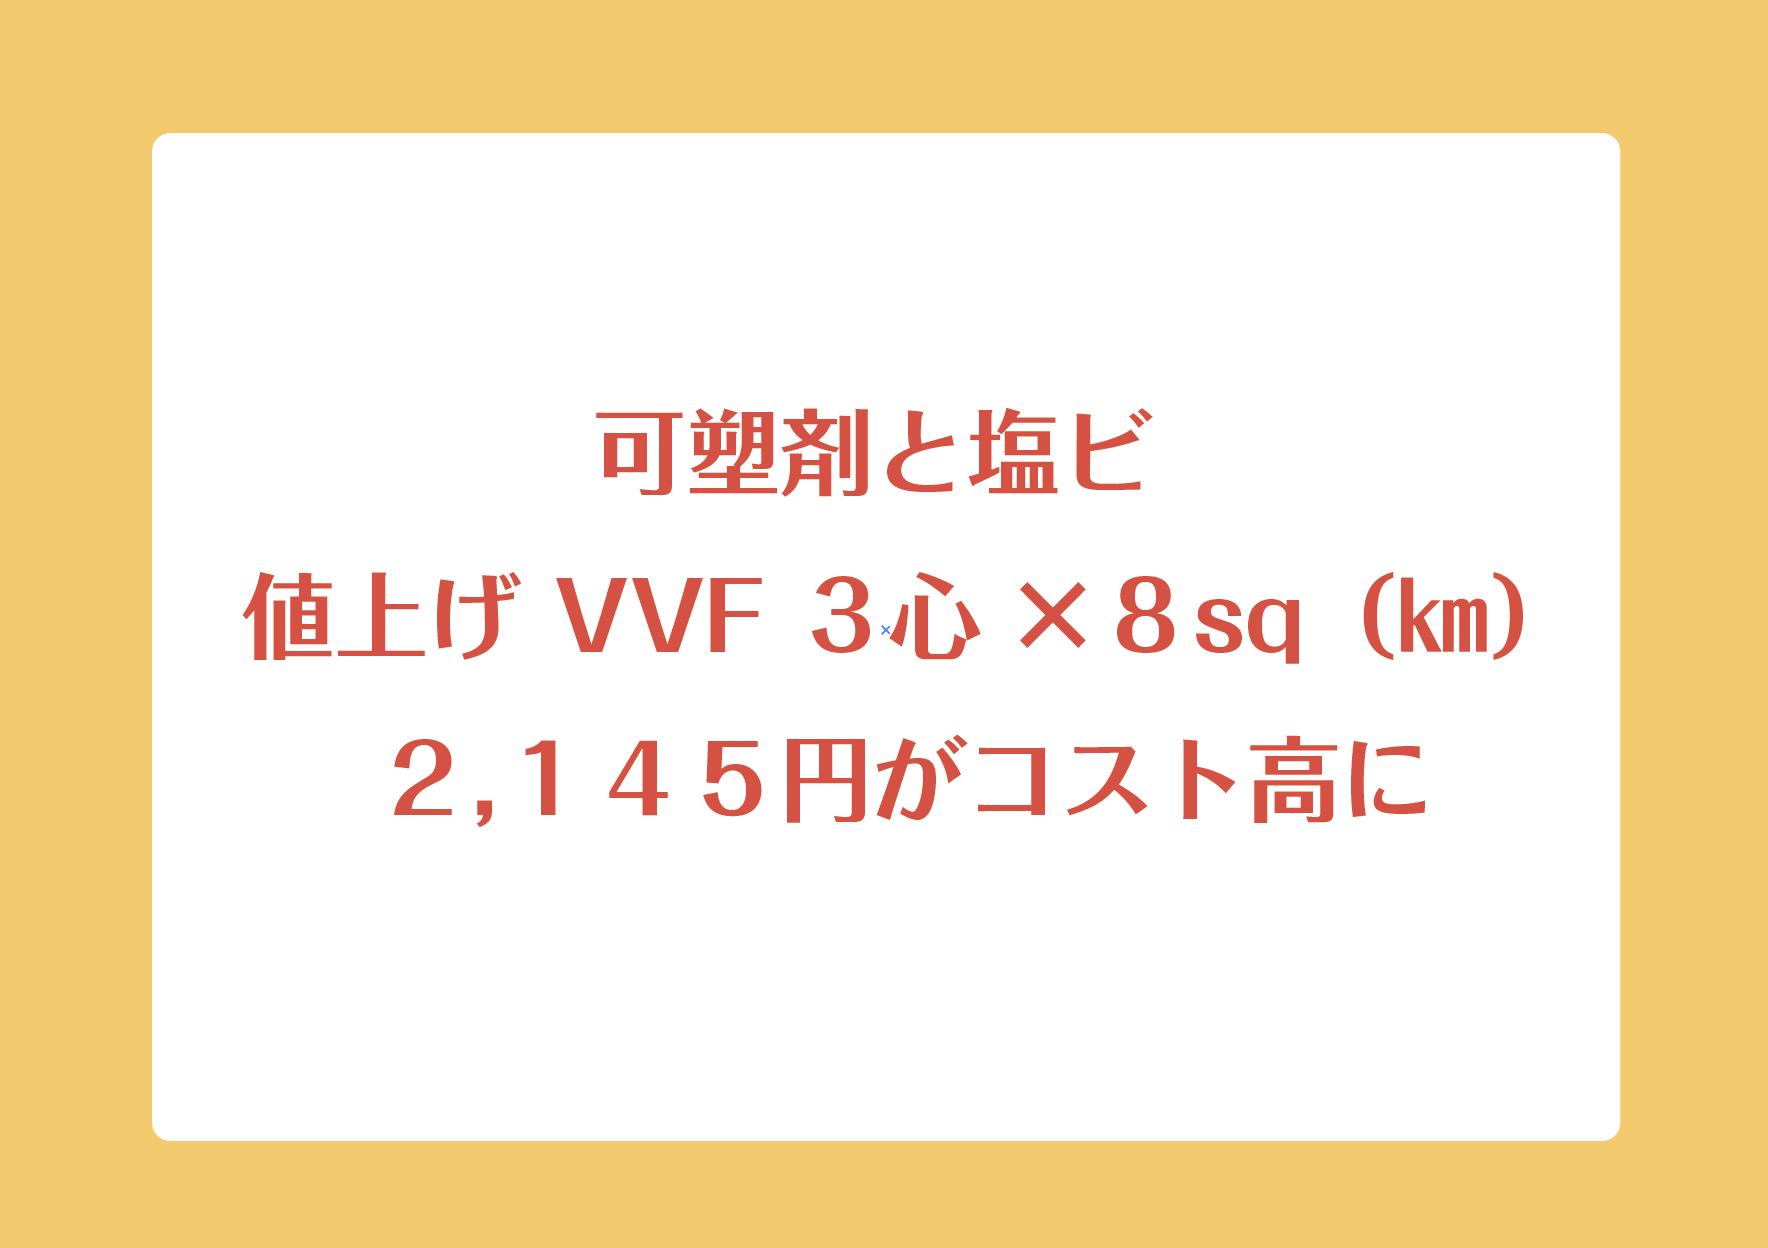 可塑剤と塩ビ  値上げ VVF 3心×8sq(㎞) 2,145円がコスト高にの画像